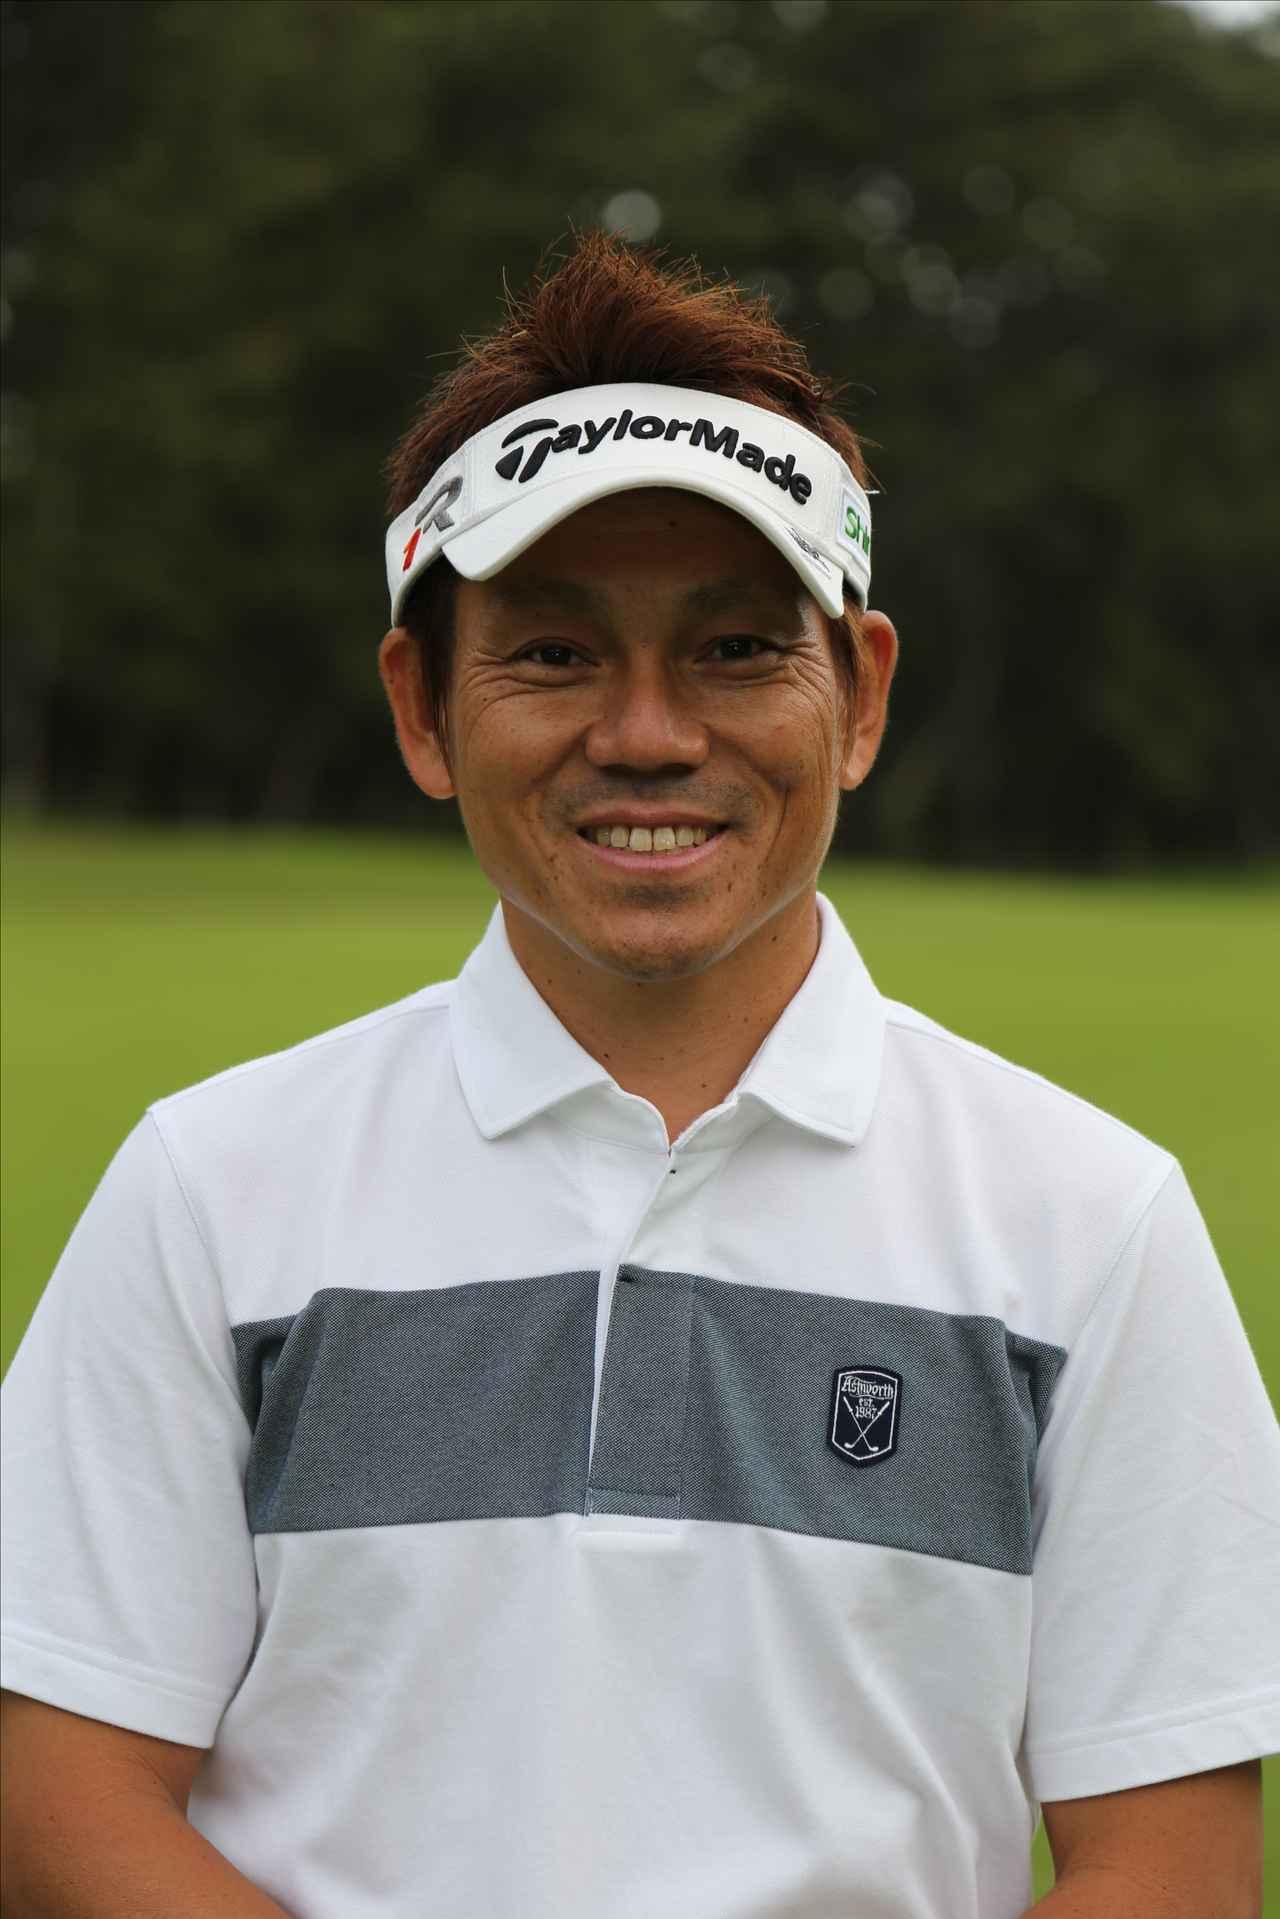 画像: 田中秀道プロ 小柄ながら、日本オープンを含む10勝を挙げるなど活躍し、2002年からは米ツアーに参戦。日米のあらゆるラフを経験した「ラフマスター」